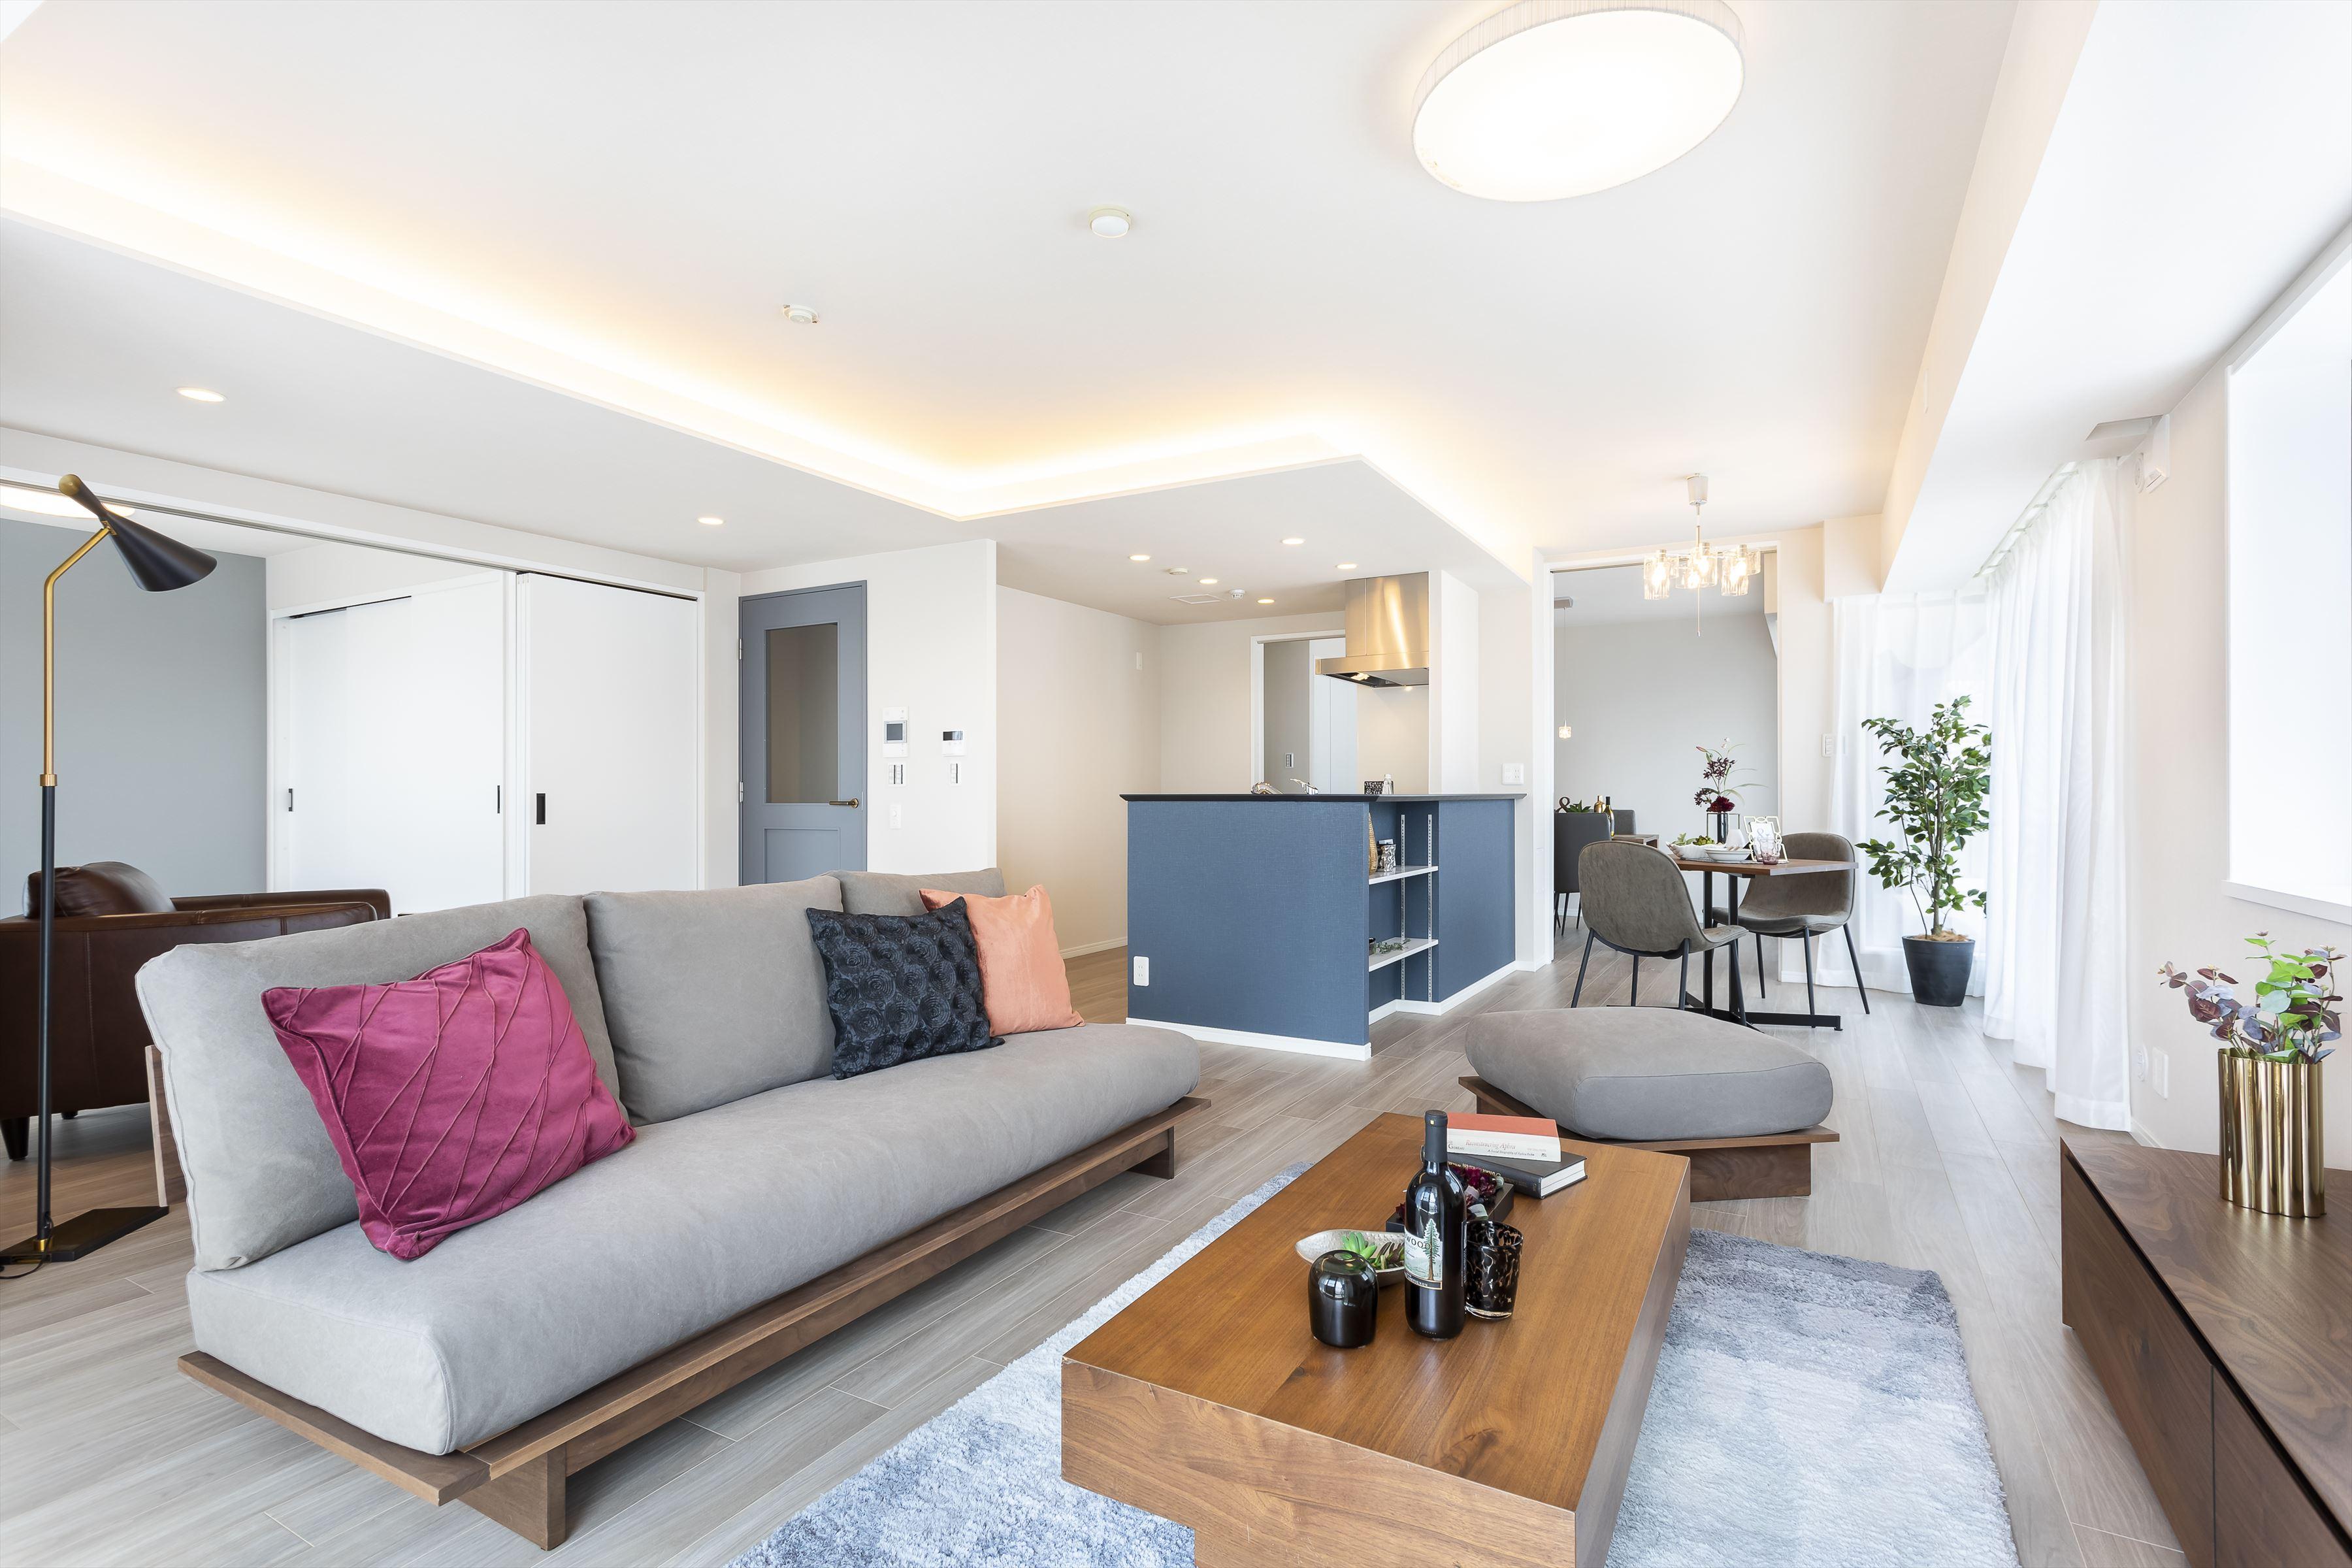 最上階南東角部屋×ウォルナット家具の似合うシックな住まい